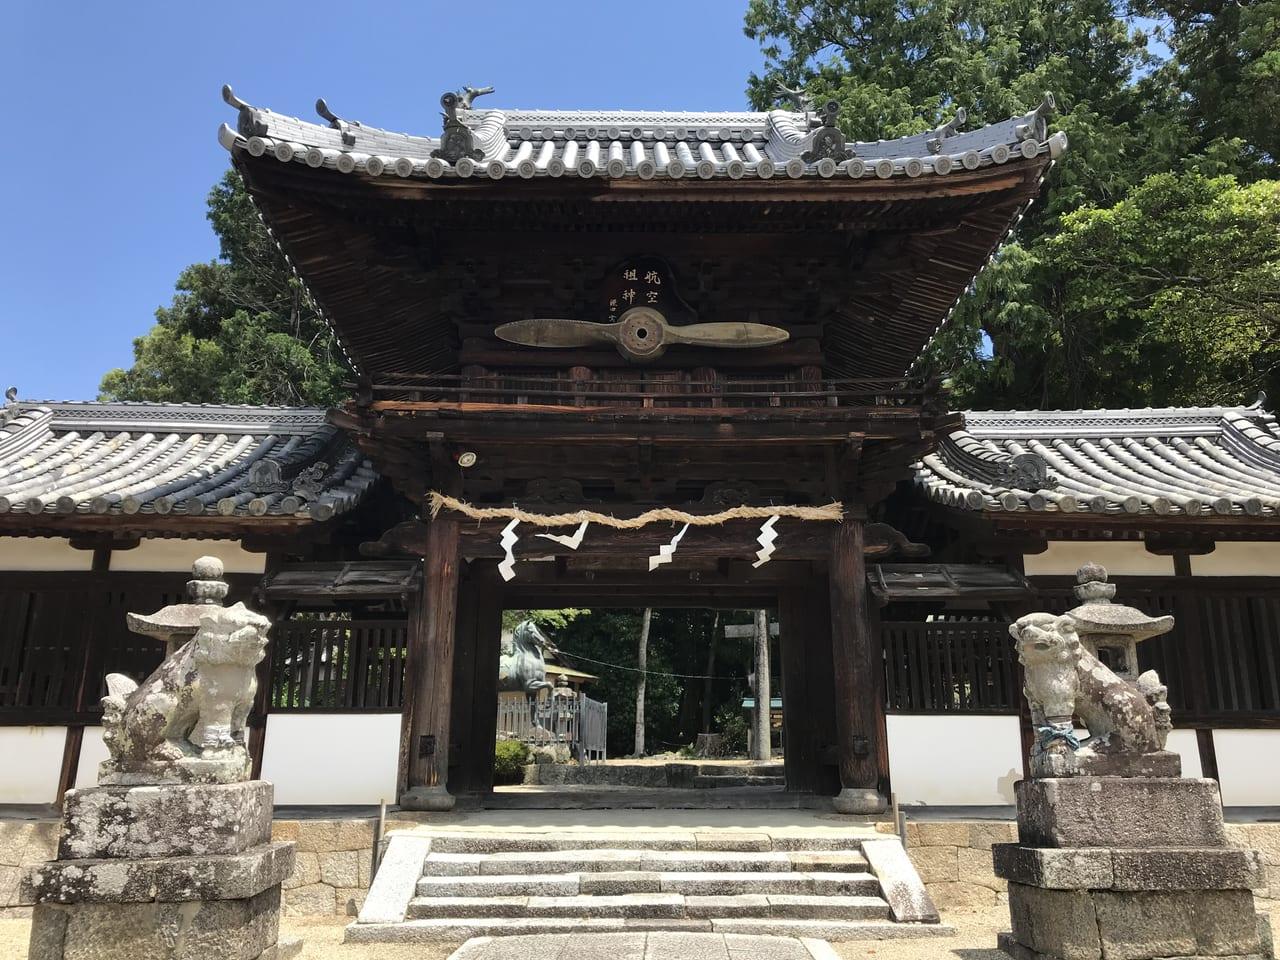 矢田坐久志玉比古神社 後ろはこんもりとした森でした